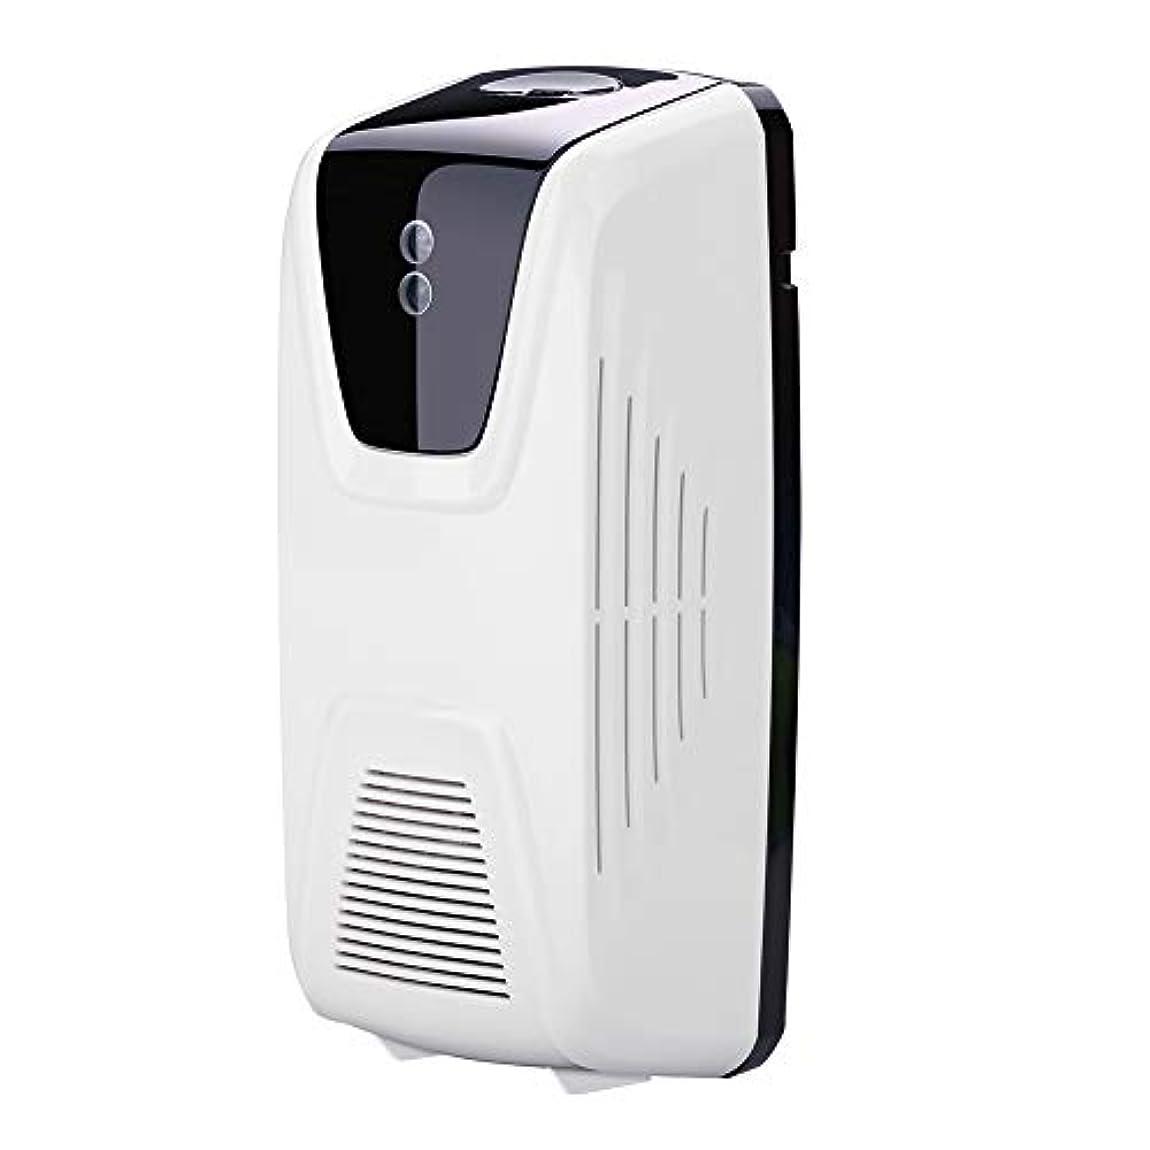 適用済みオペラ形成Rakuby ファン型 自動 軽いセンサー 空気清浄 ディスペンサー使用 エッセンシャルオイル 香水詰め替え スプレー缶